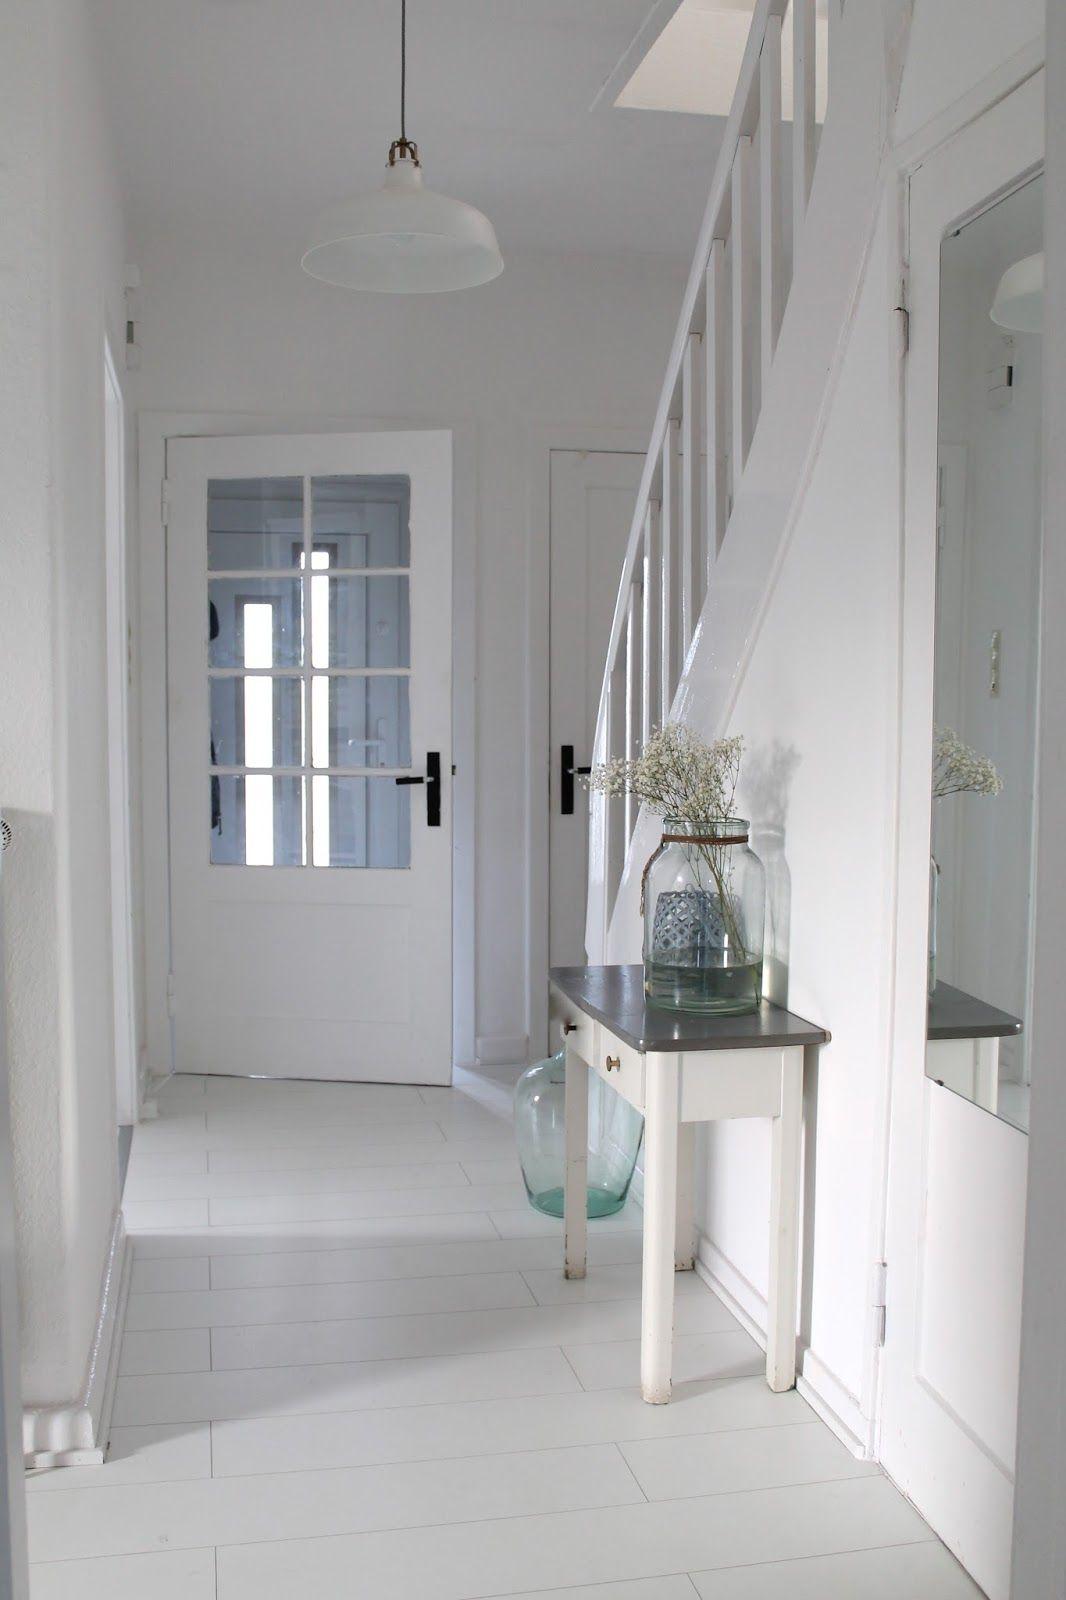 britta bloggt eingang und flur pinterest zuhause bauernhaus und haus. Black Bedroom Furniture Sets. Home Design Ideas